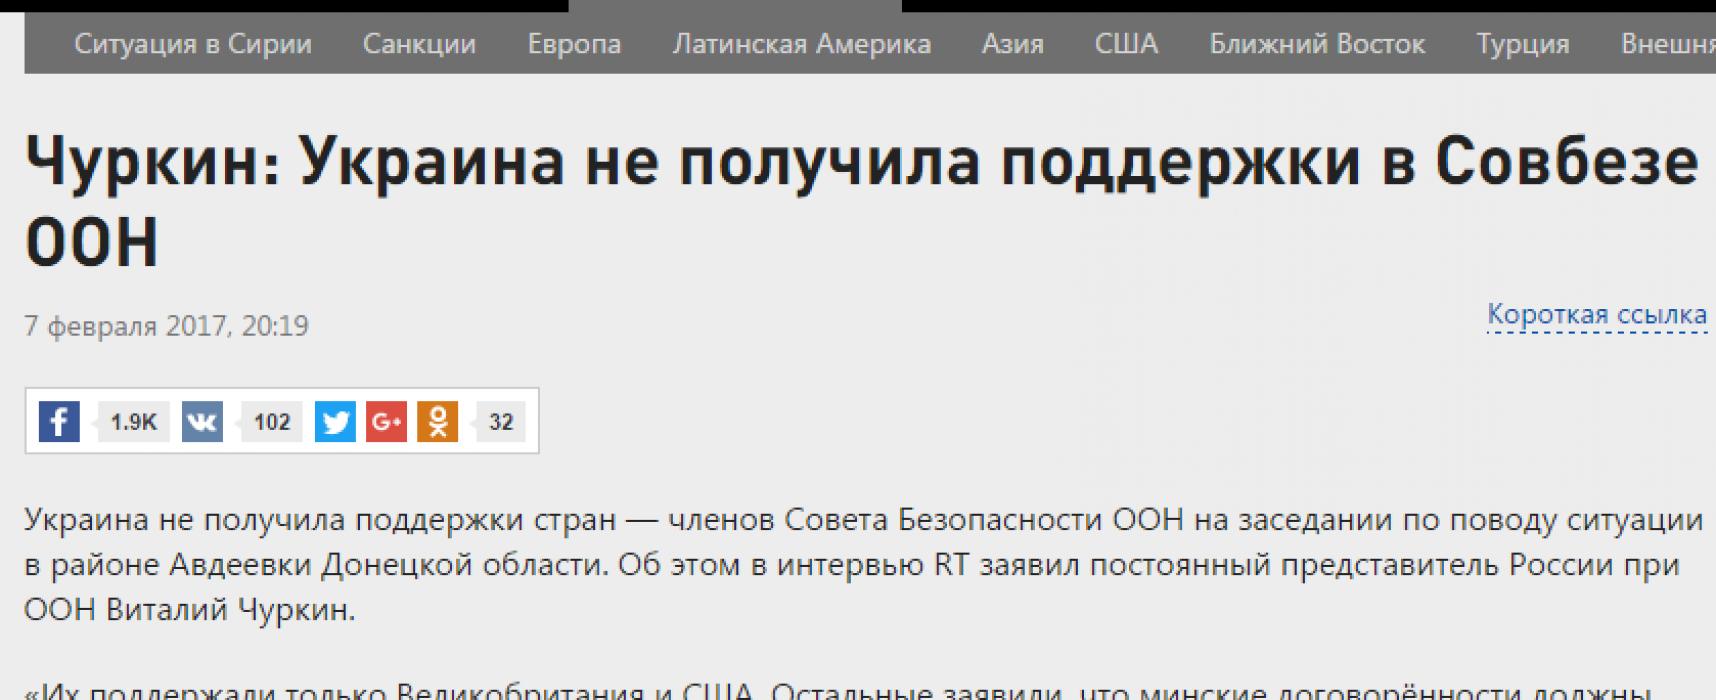 Фейк: Съветът за сигурност на ООН не подкрепил Украйна за Авдиивка